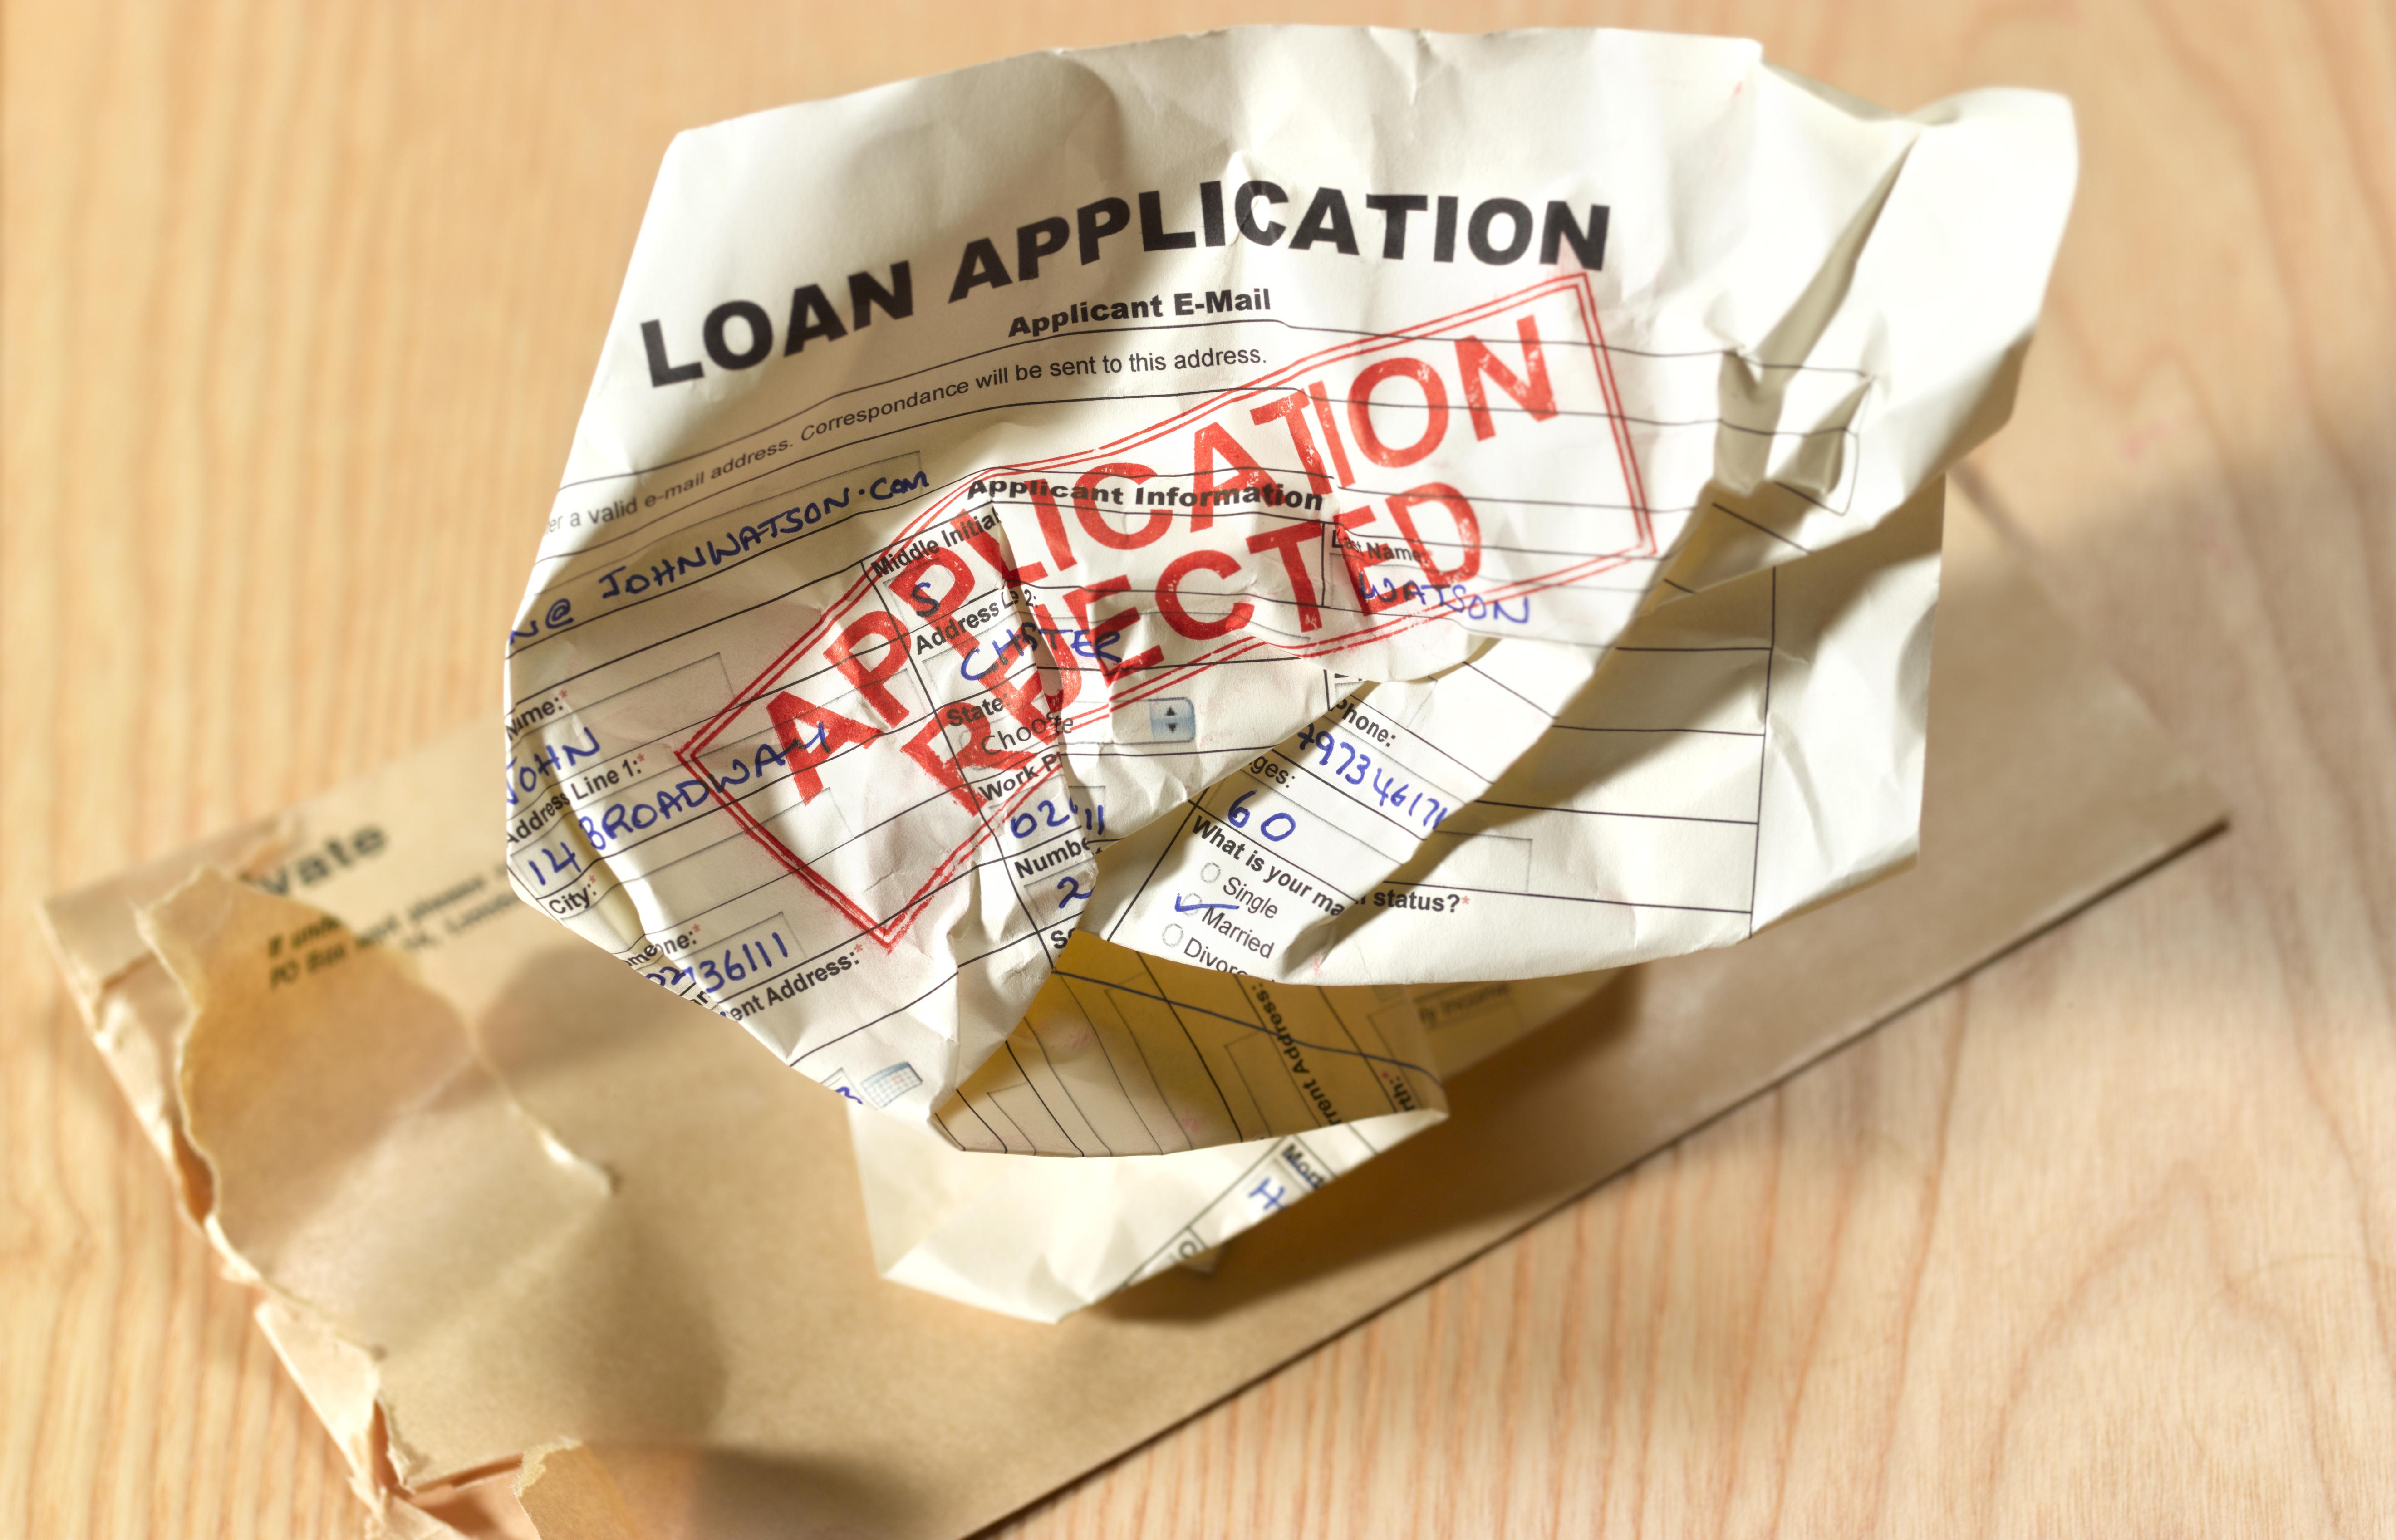 Loan application rejection